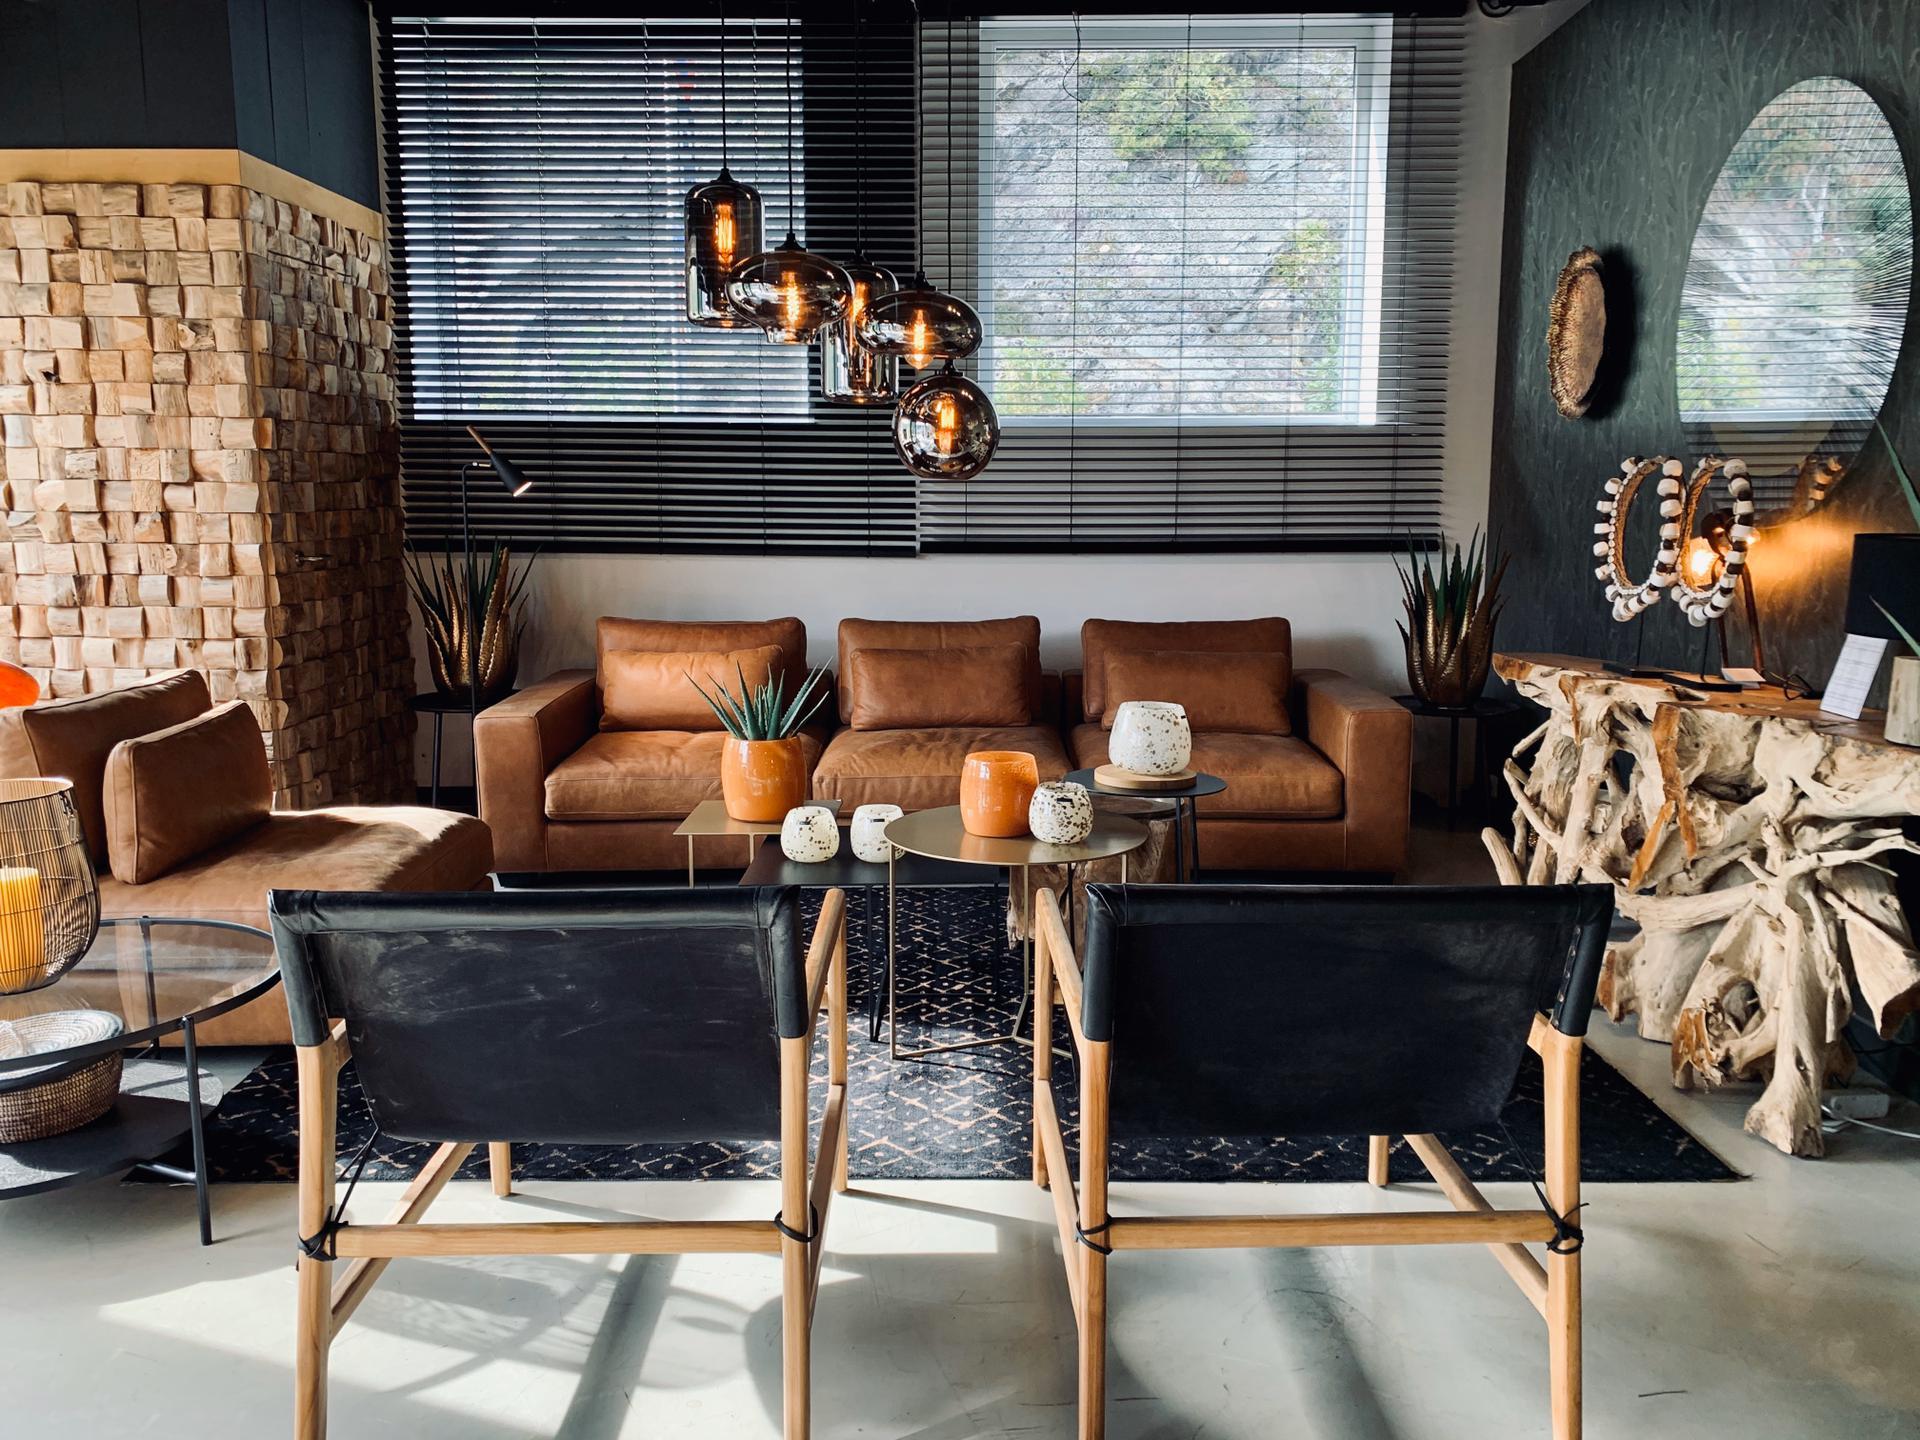 chaises noire, salon tendance, canapé cuir, meubles en bois, jn interiors, jour et nuit liège verviers